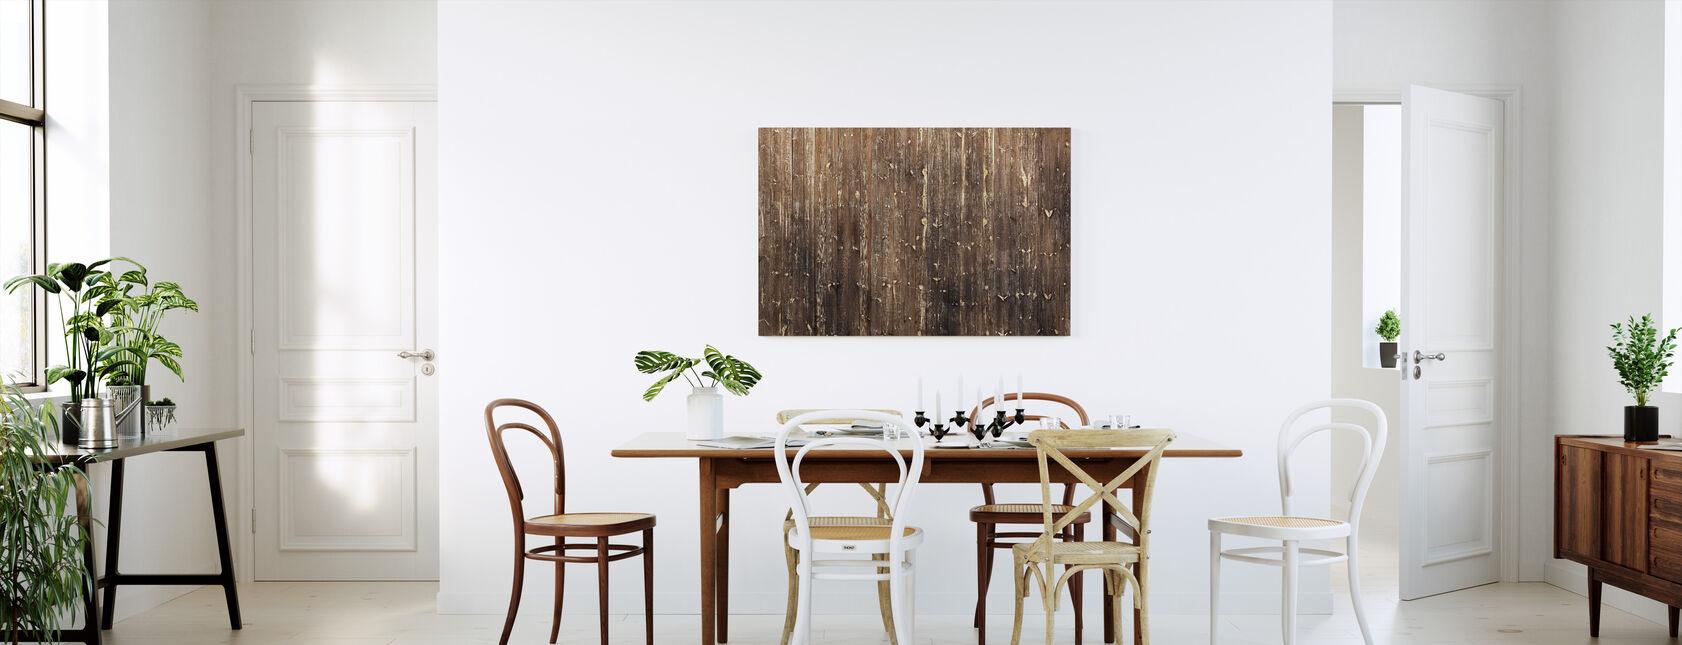 Ruskea puinen seinä - Canvastaulu - Keittiö